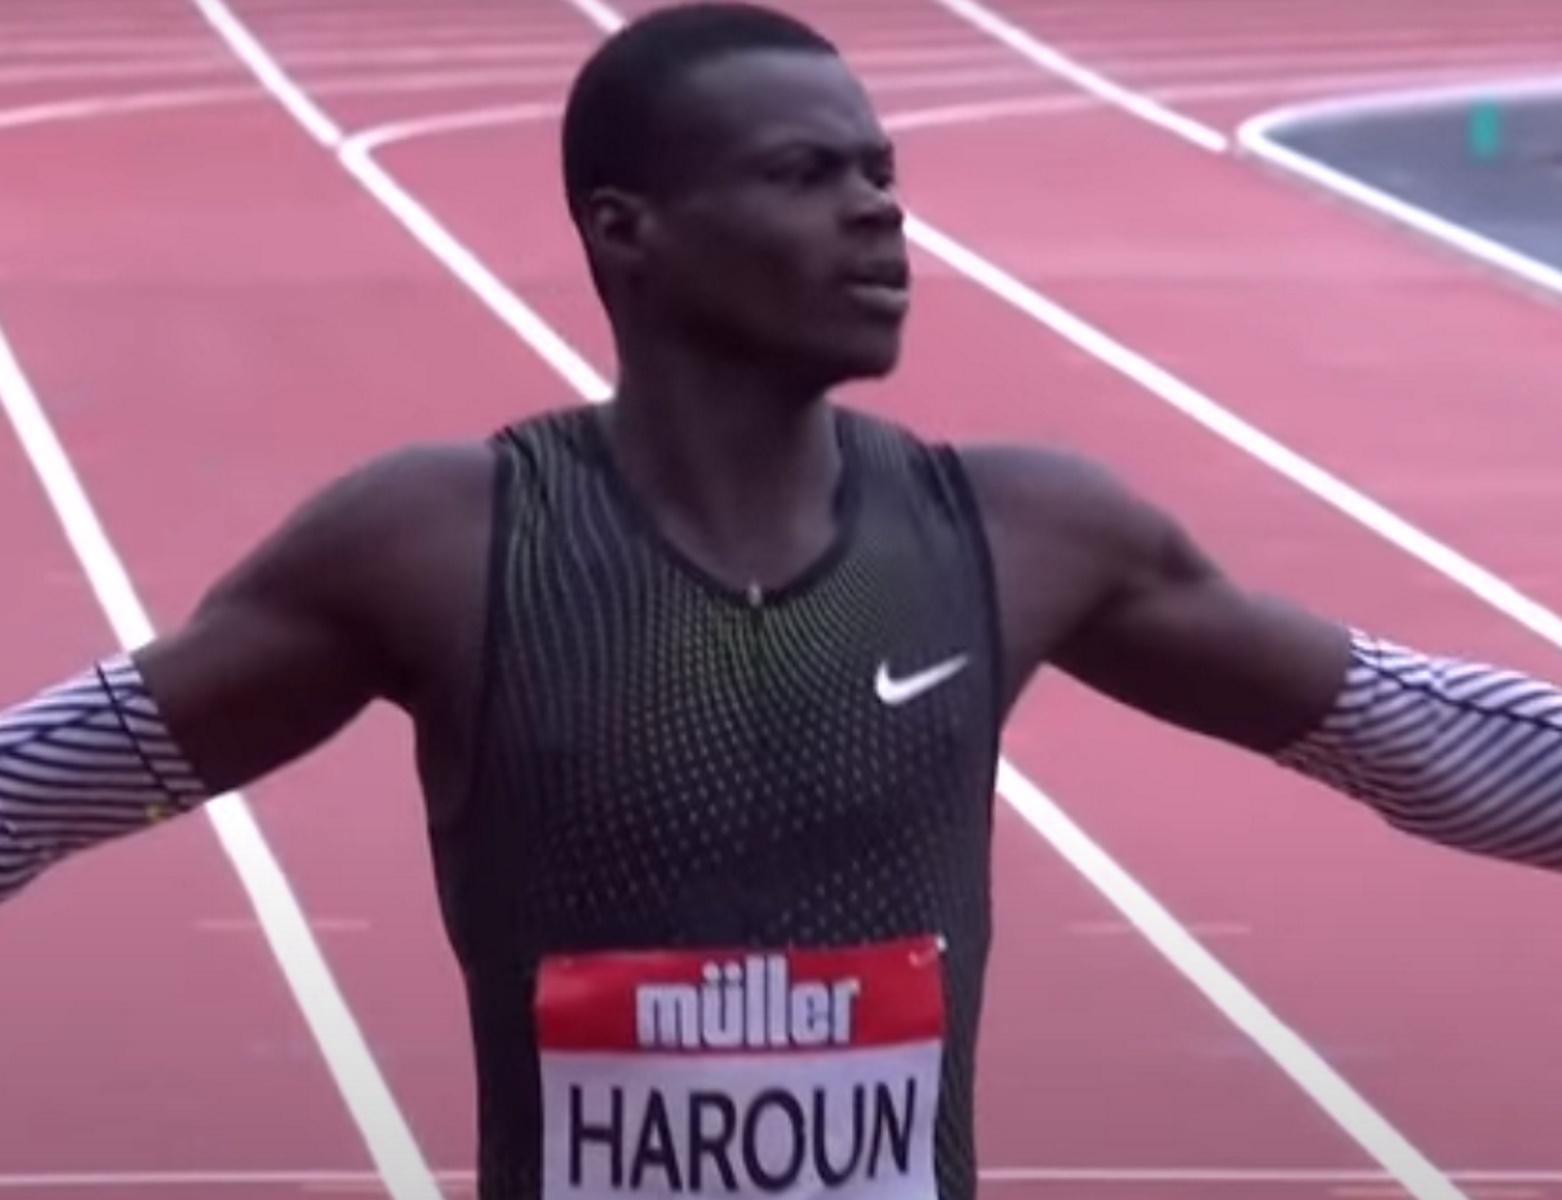 Θρήνος στον παγκόσμιο στίβο – Νεκρός σε τροχαίο ο 24χρονος σπρίντερ Χαρούν